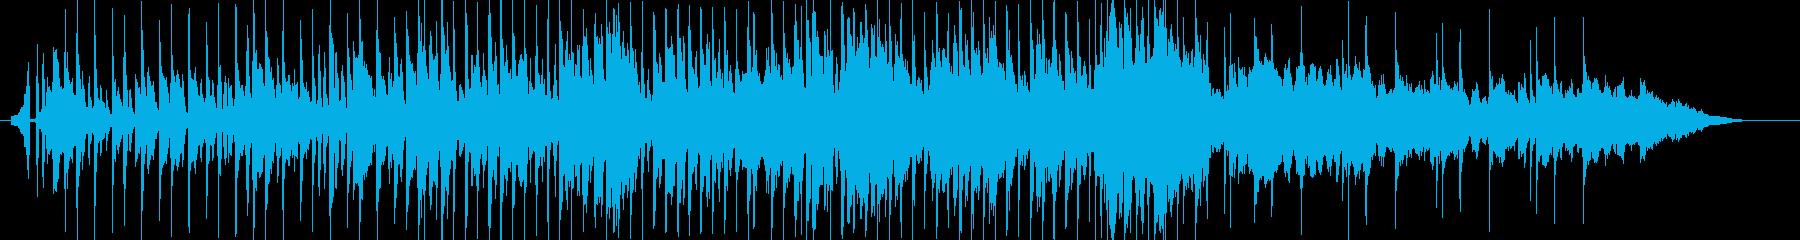 爽やかで懐かしい懐メロソングの再生済みの波形